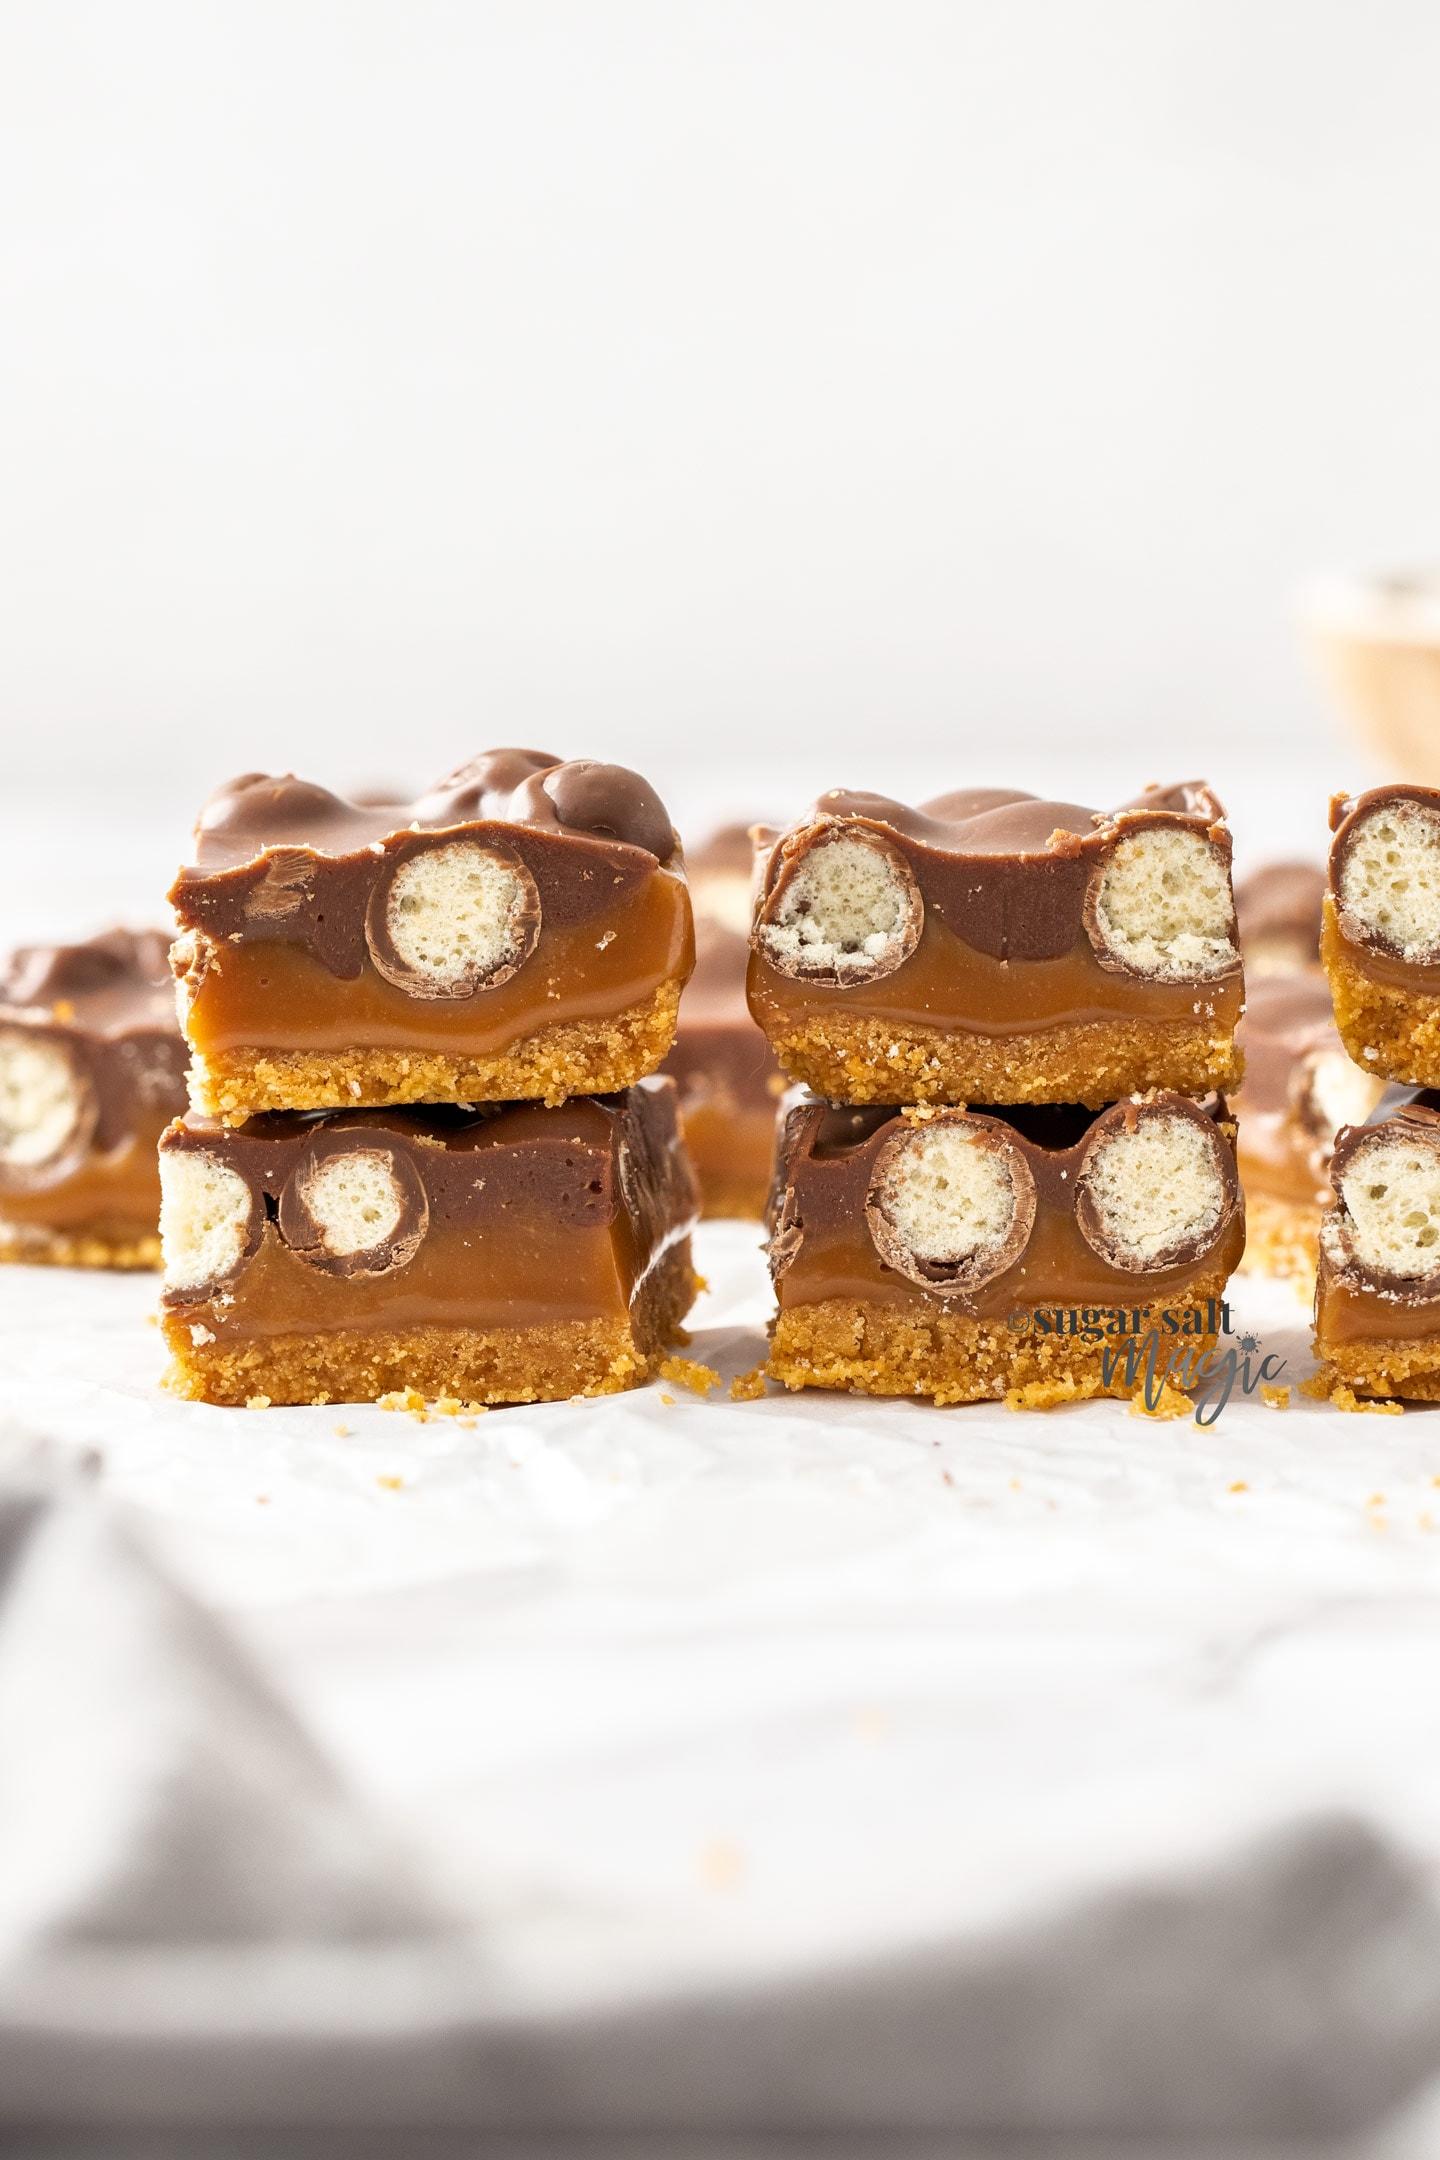 2 stacks of caramel malteser bars on a sheet of baking paper.